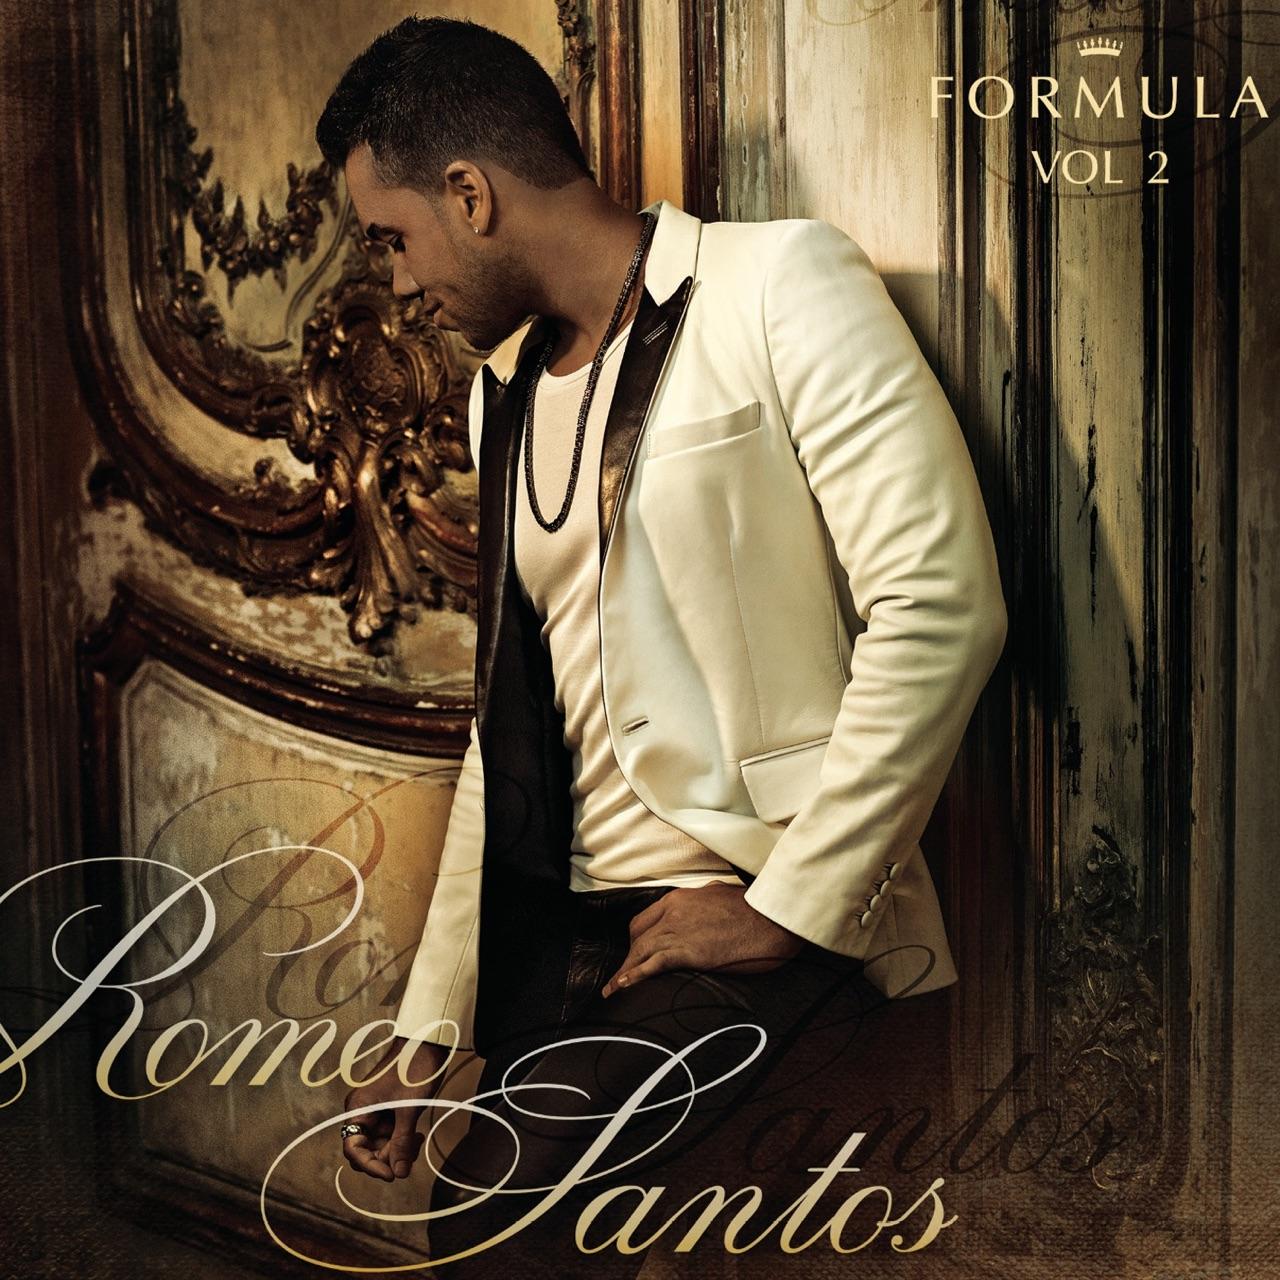 Cancioncitas amor romeo santos download